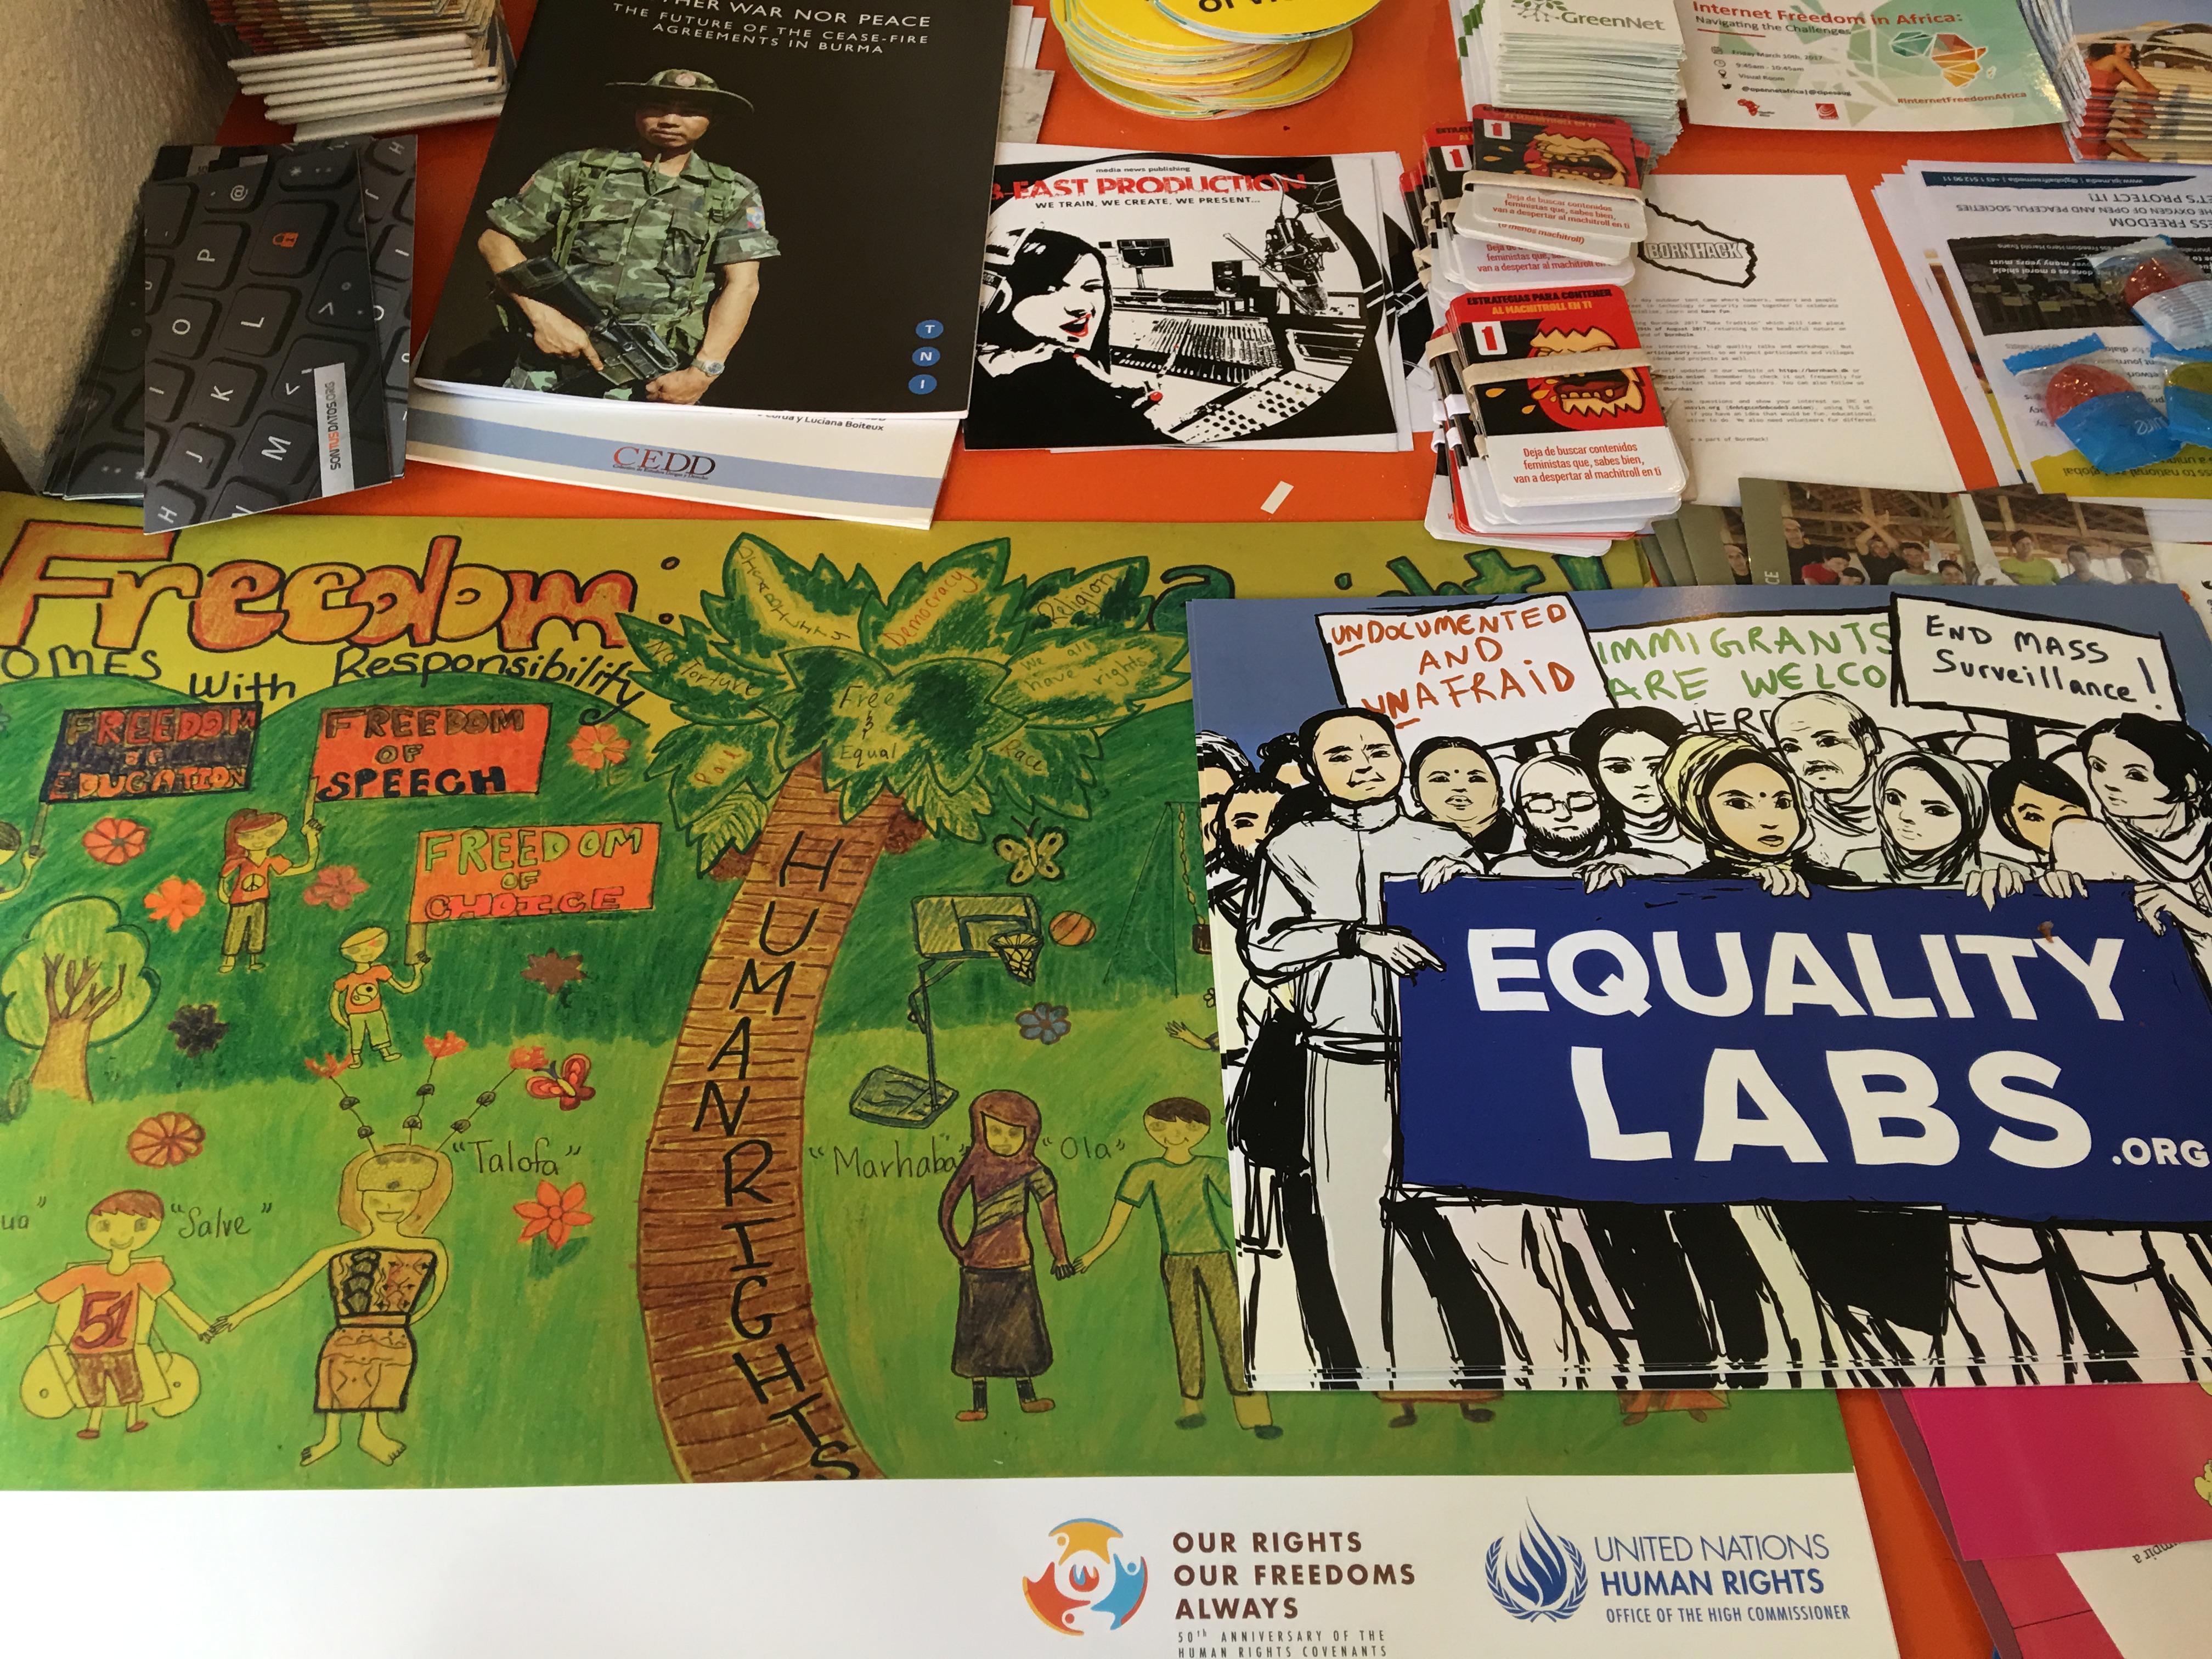 Bích chương quảng bá nhân quyền tại IFF